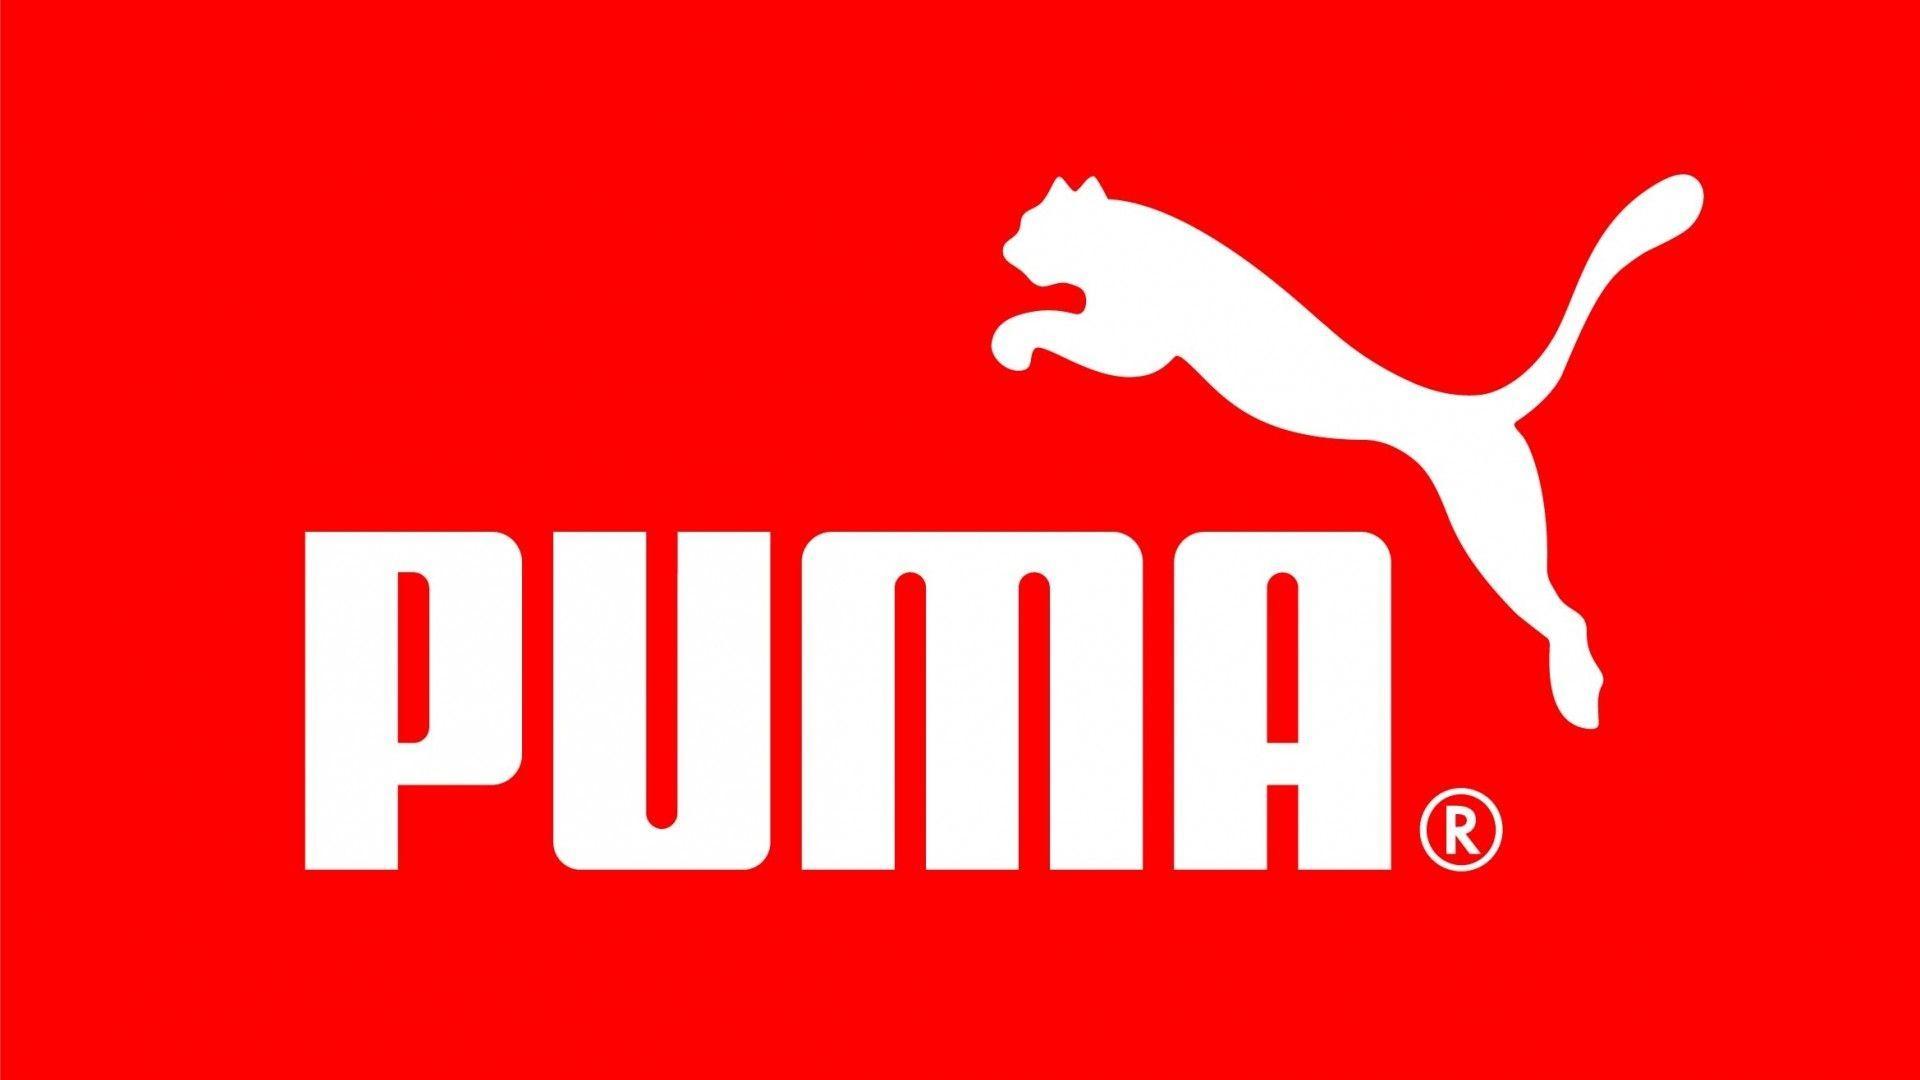 Puma Wallpaper 16477 1920x1080 px